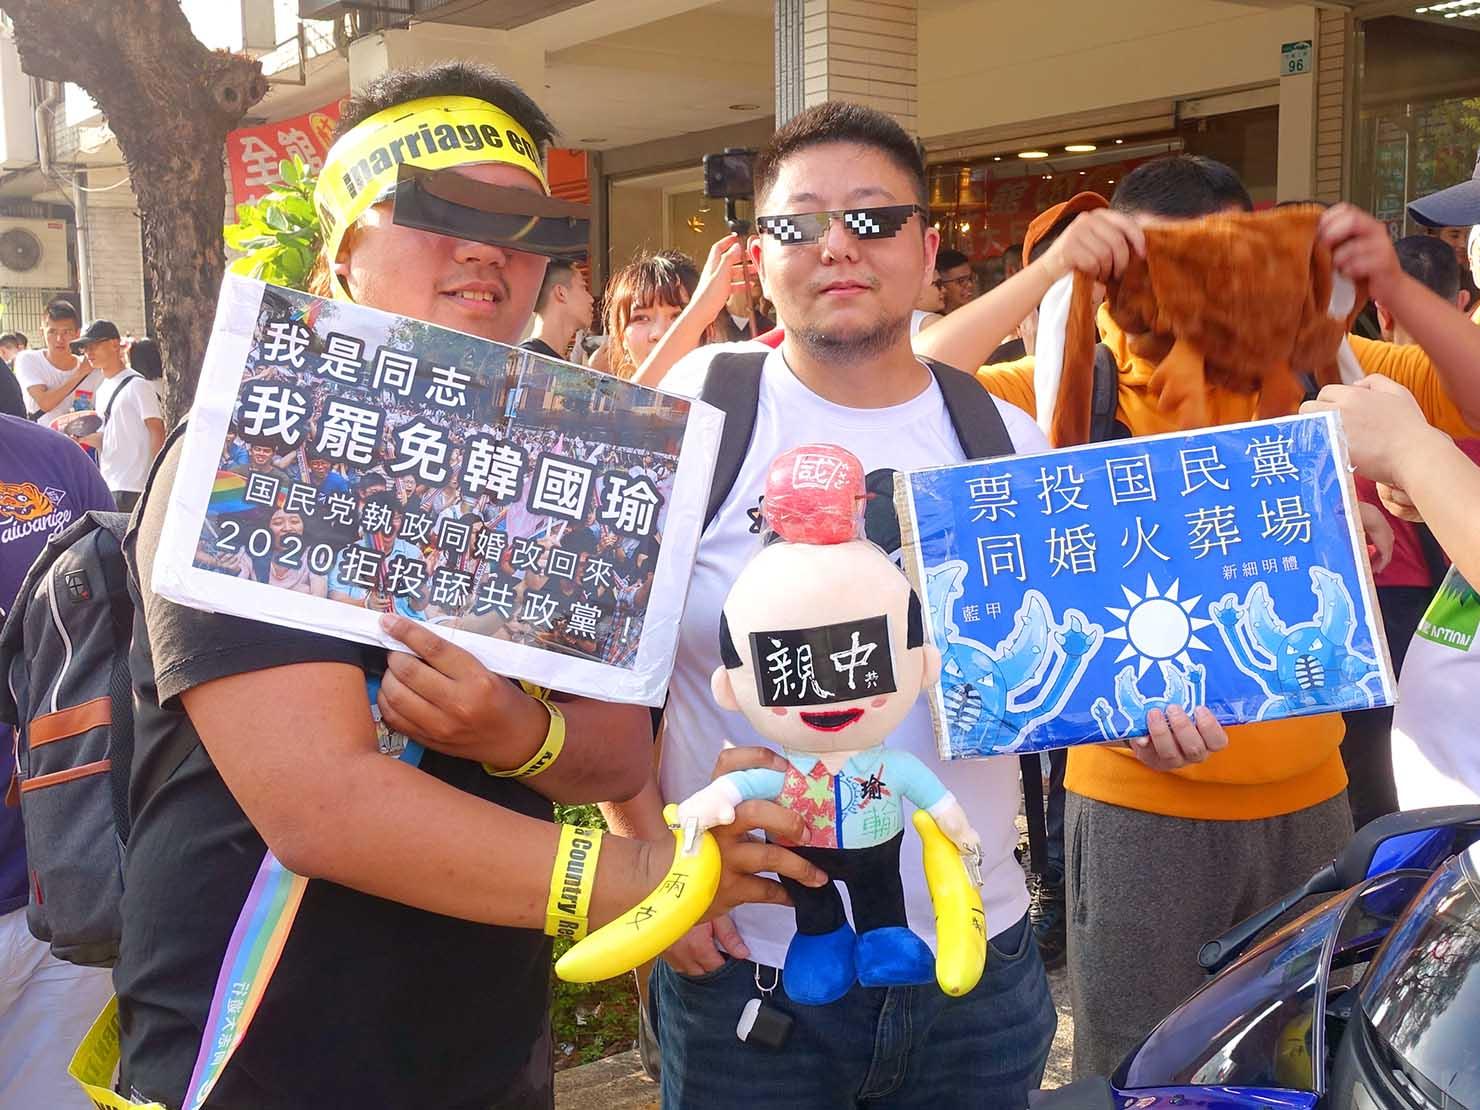 「高雄同志大遊行(高雄プライド)」2019のパレードで高雄市長への批判を行う参加者